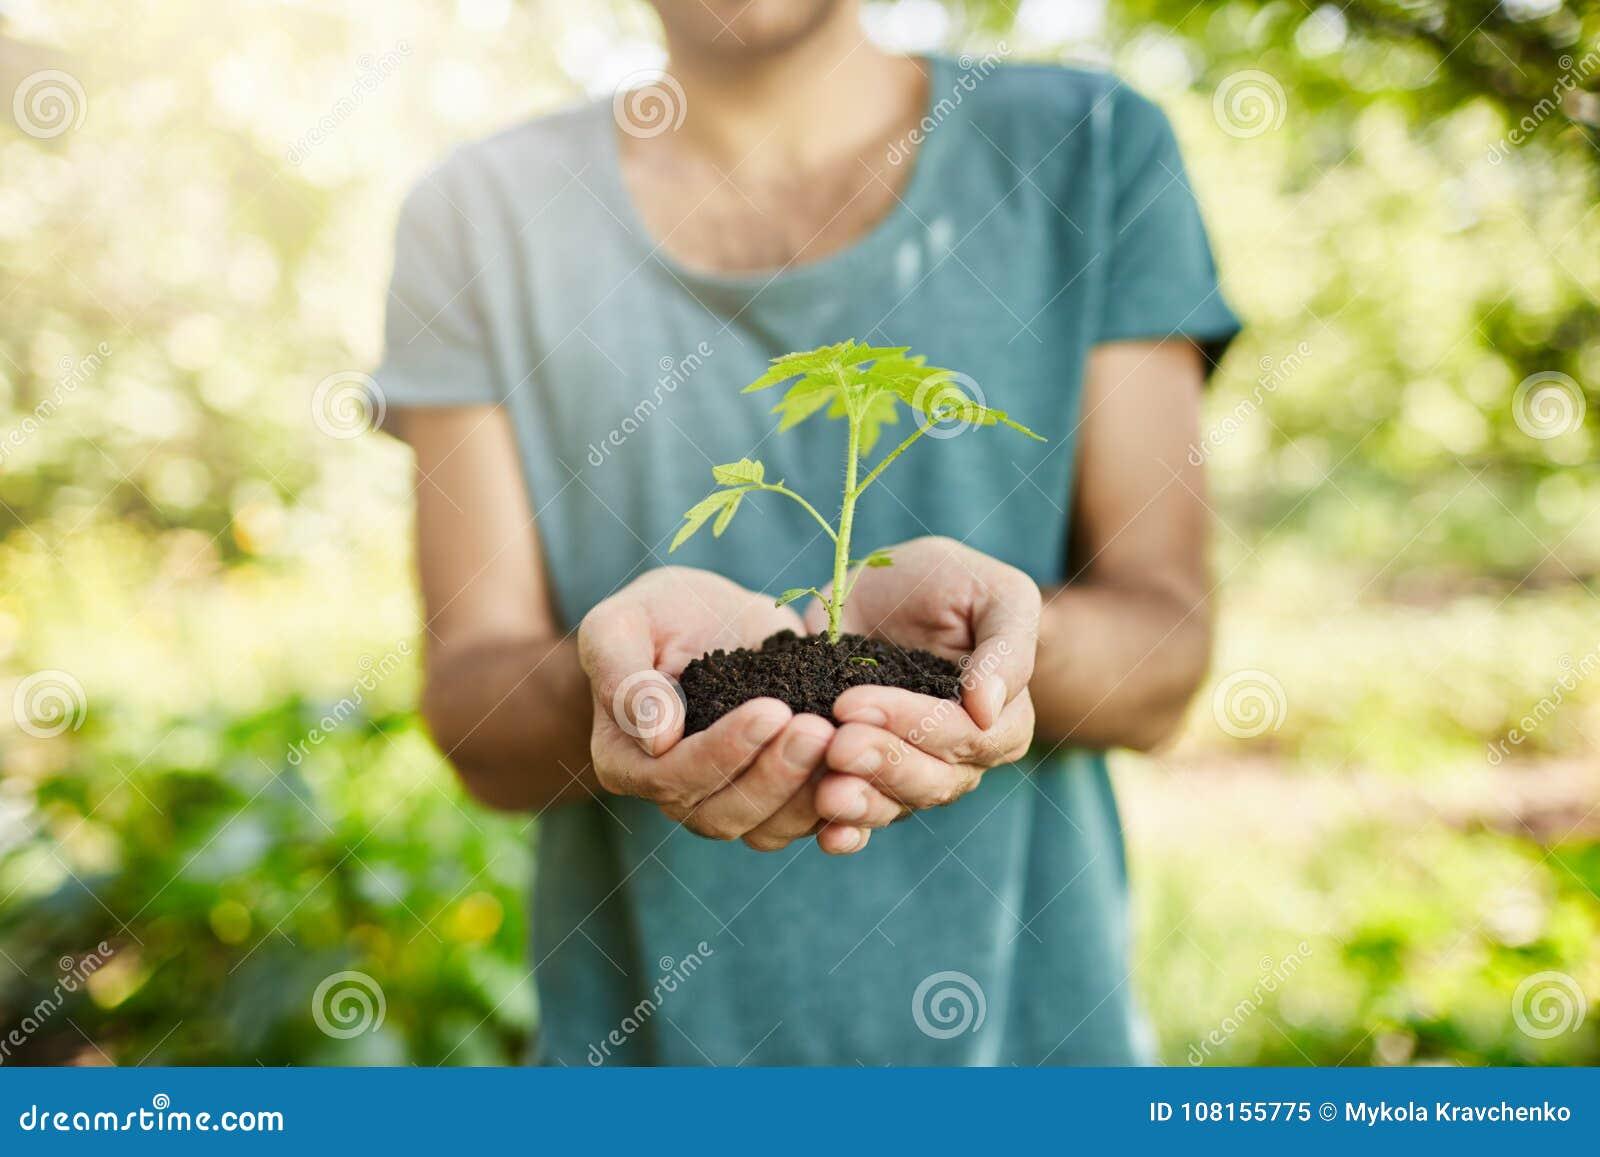 Fermez-vous vers le haut du tir de l homme à la peau foncée dans le T-shirt bleu tenant l usine avec les feuilles vertes dans des